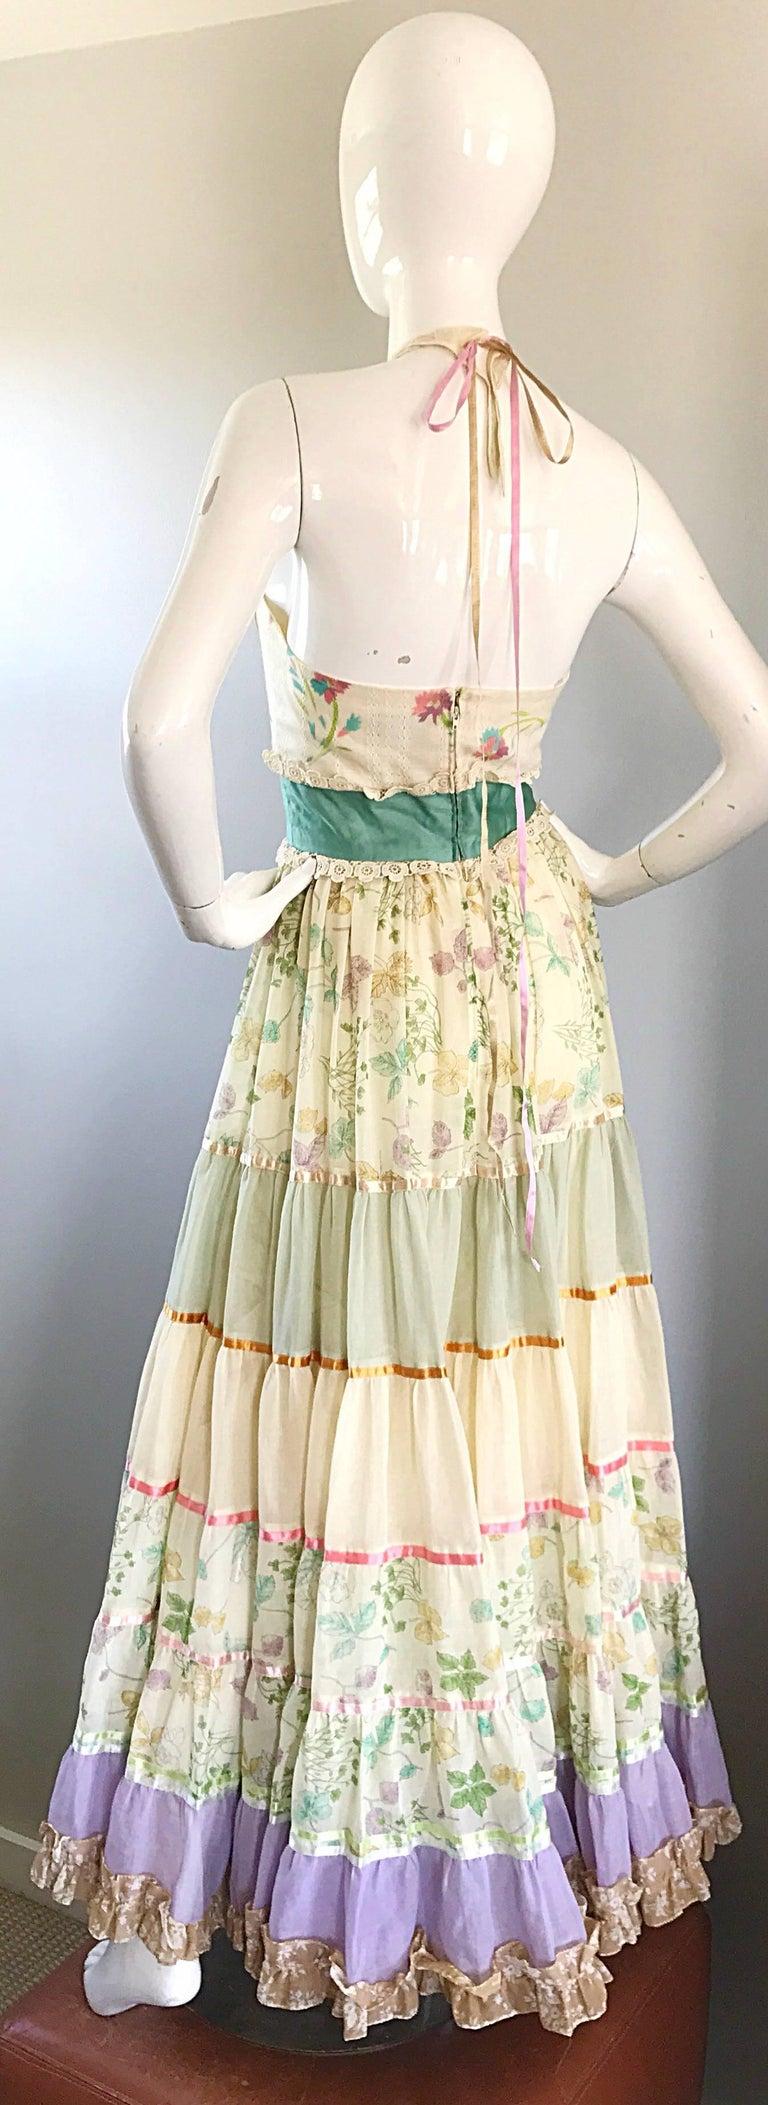 Giorgio di Sant Angelo 1970s Rare Colorful Cotton Voile Vintage 70s Maxi Dress 6